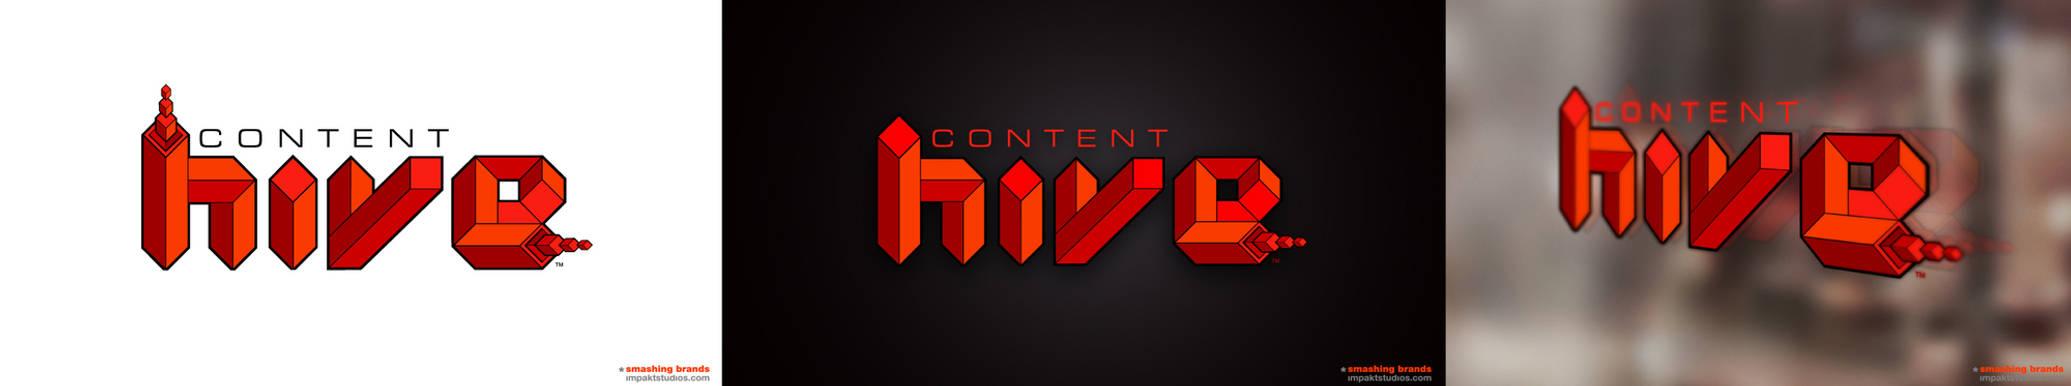 Content Hive Concept 3